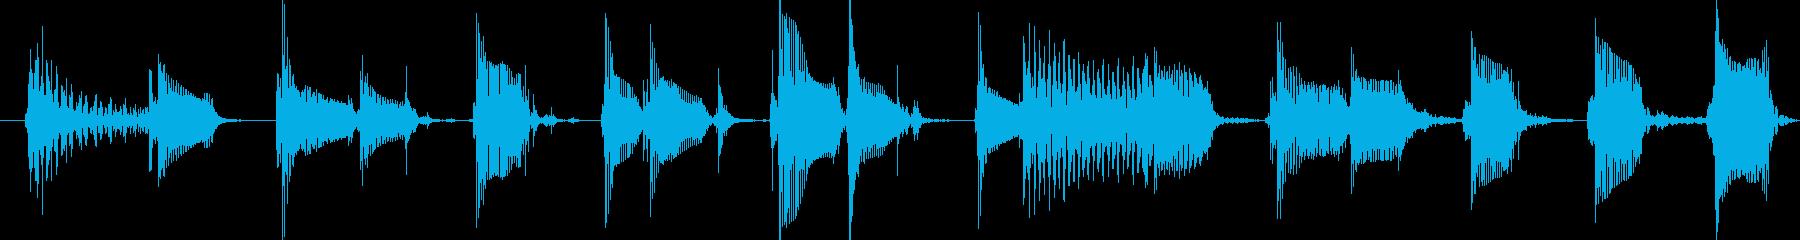 ディストーションギターの再生済みの波形